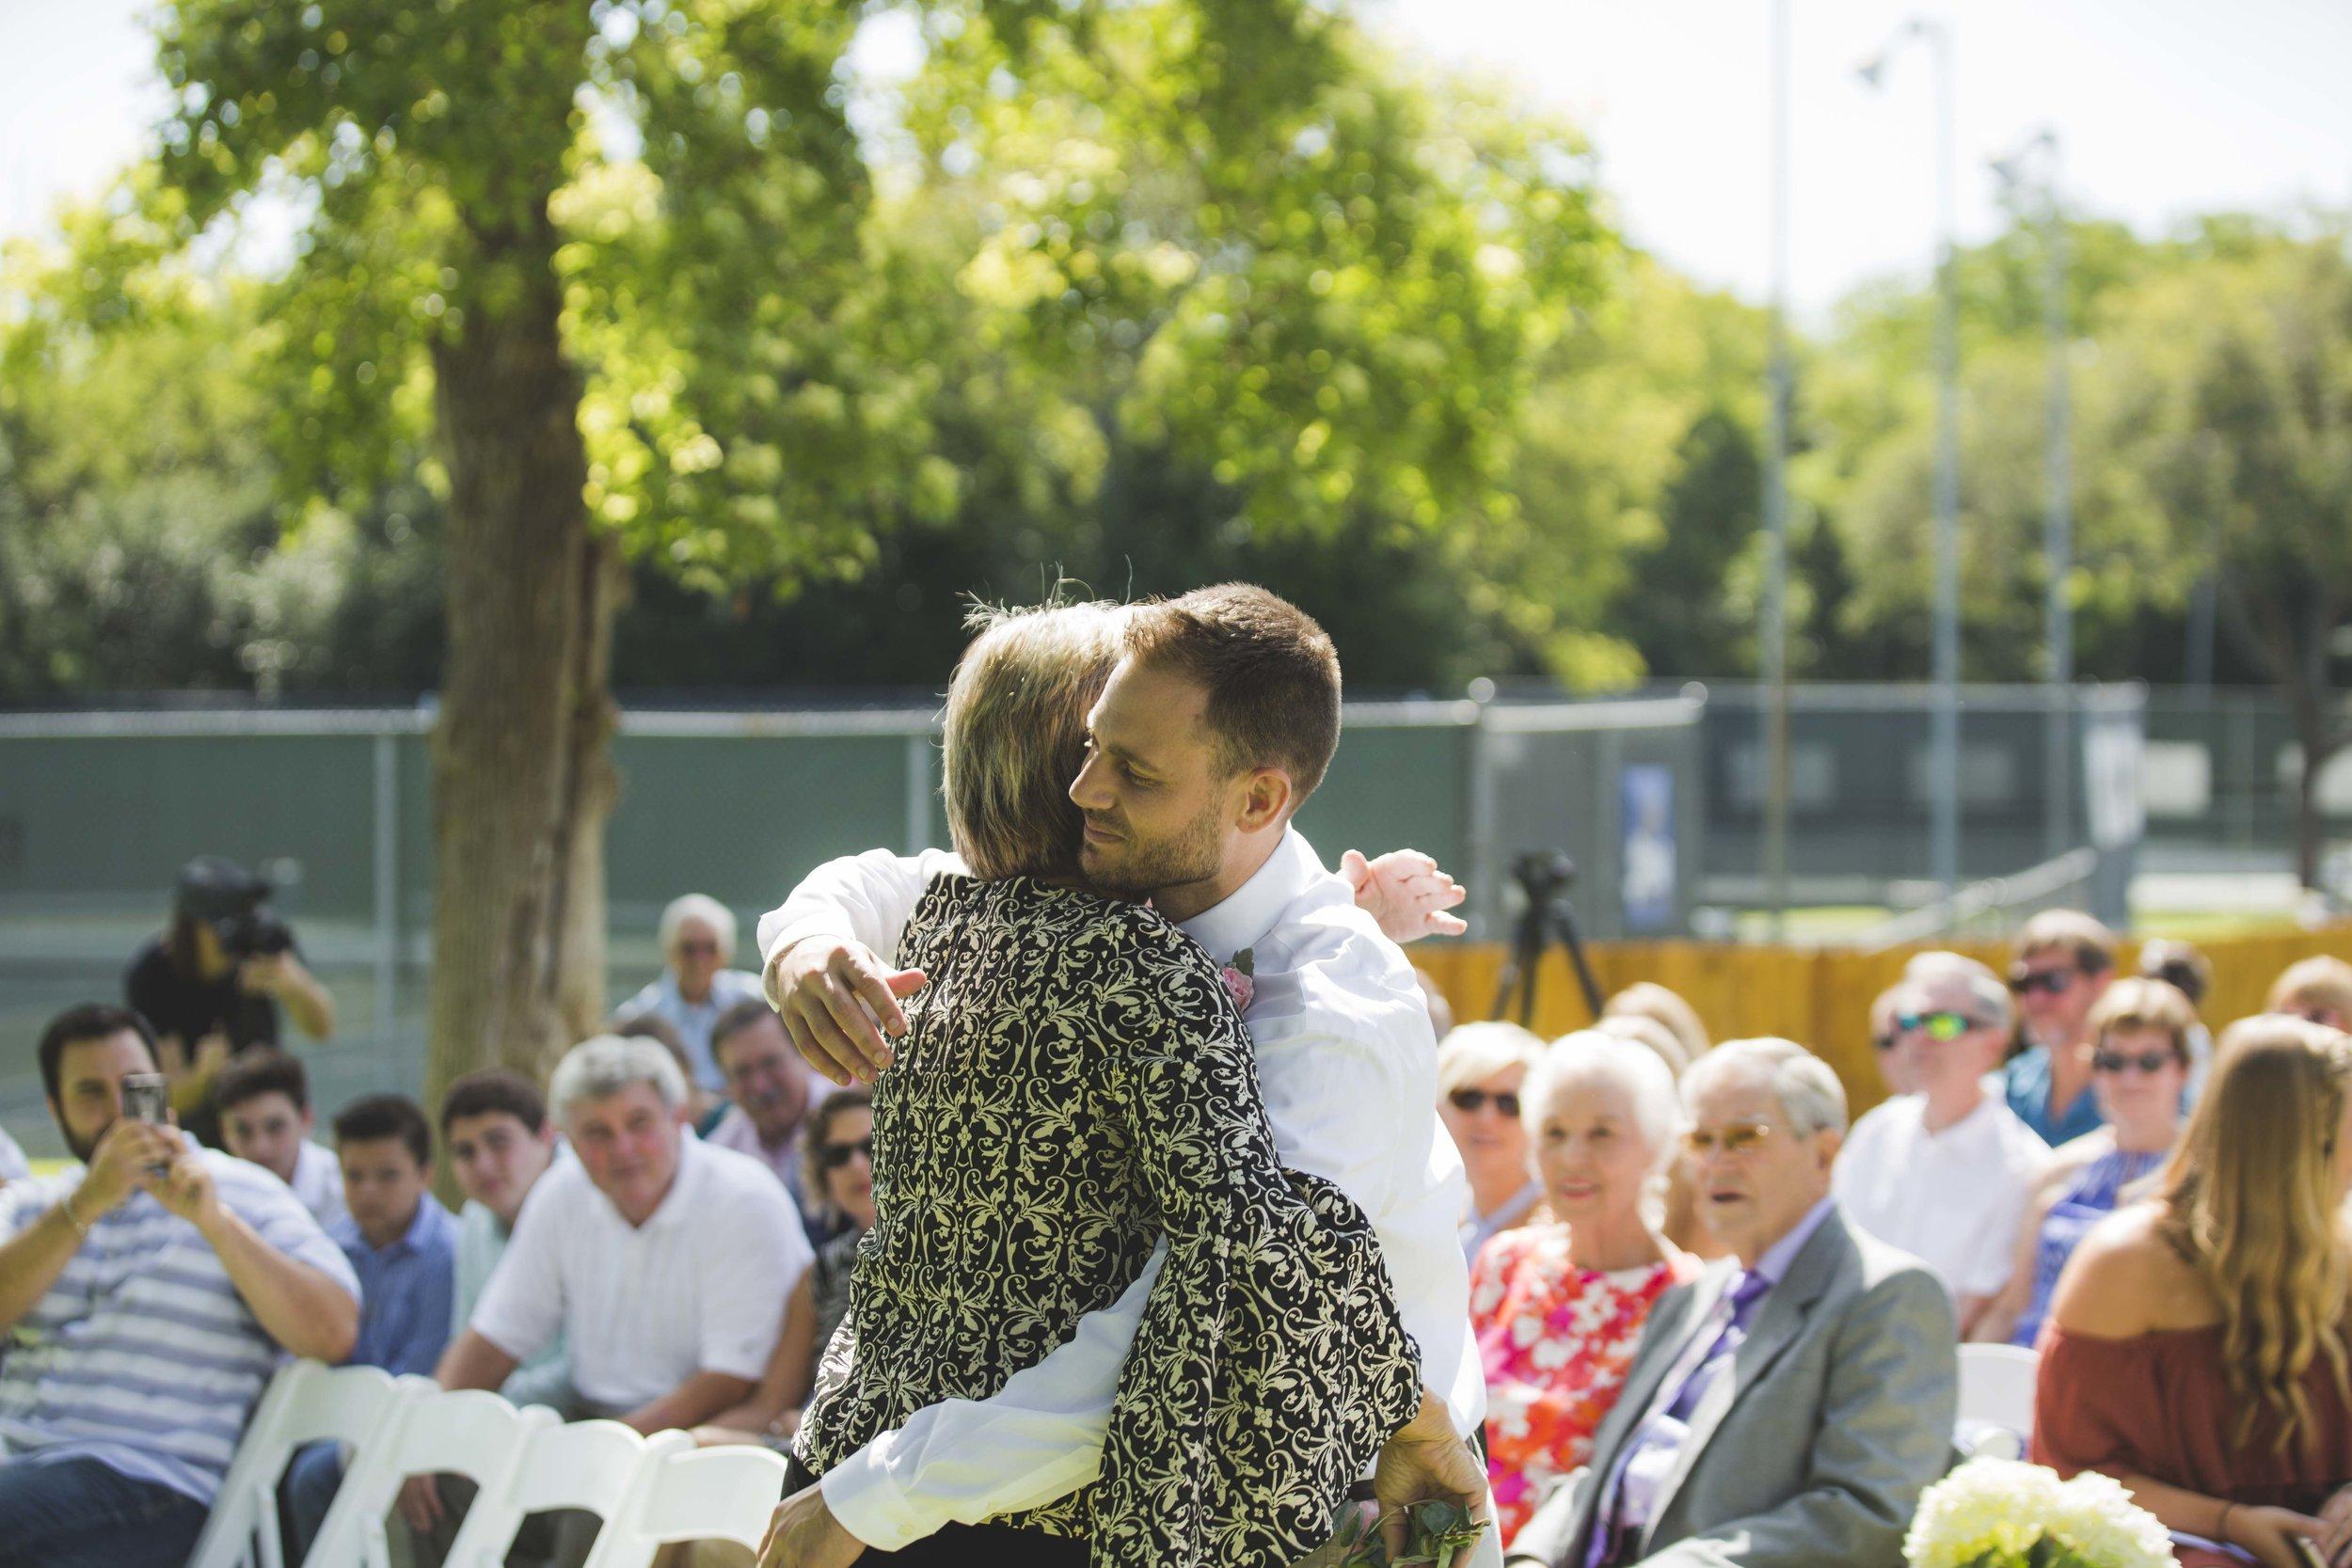 ATGI_Susanna & Matt Wedding_717A7474.jpg